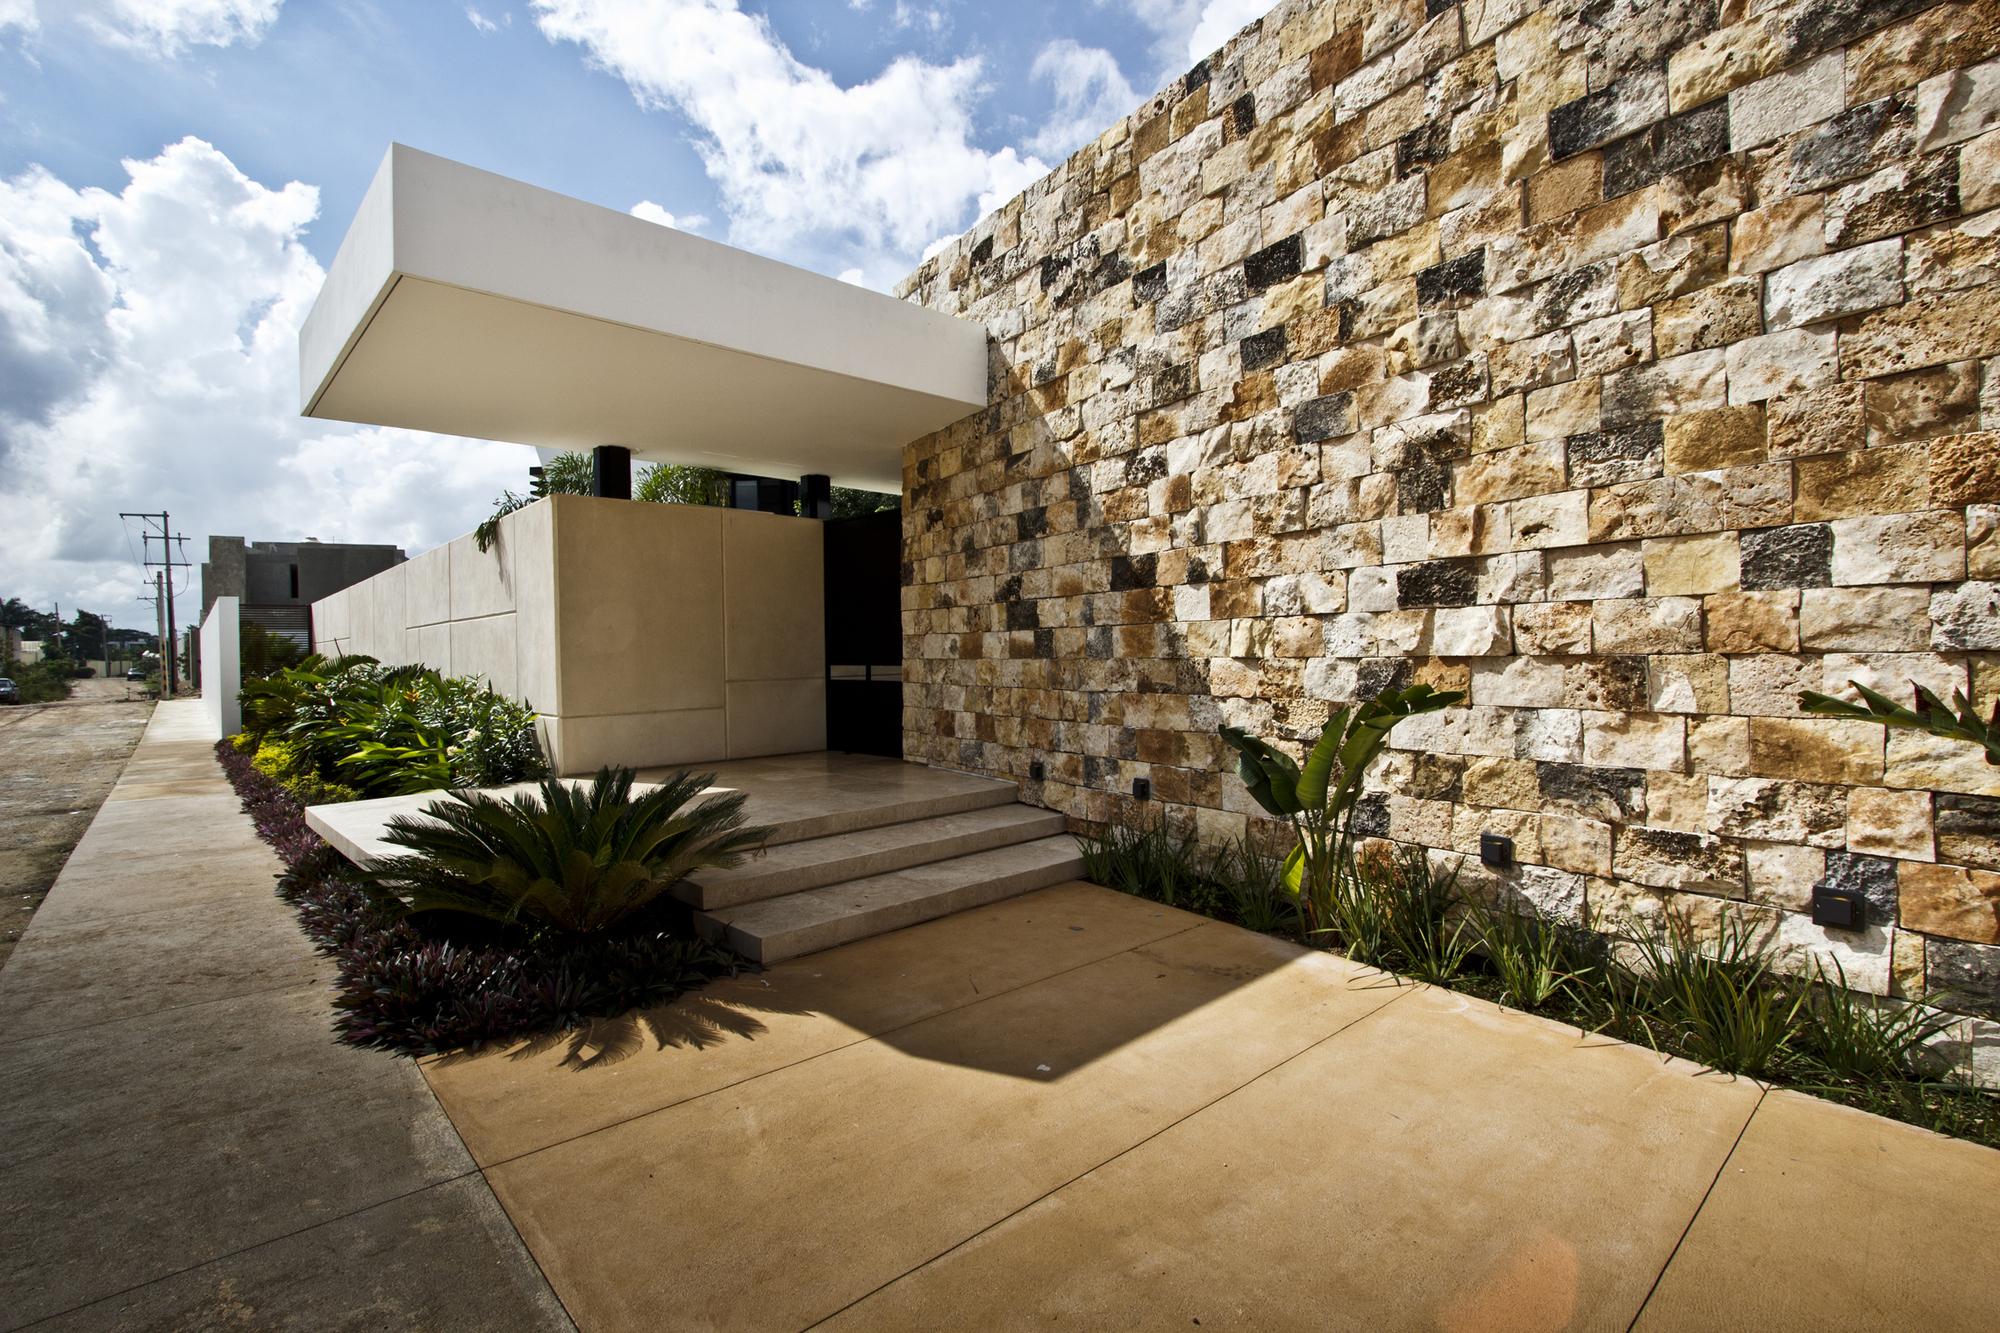 5305f3bee8e44e2ac3000006_temozon-house-carrillo-arquitectos-y-asociados_temozon_foto_03